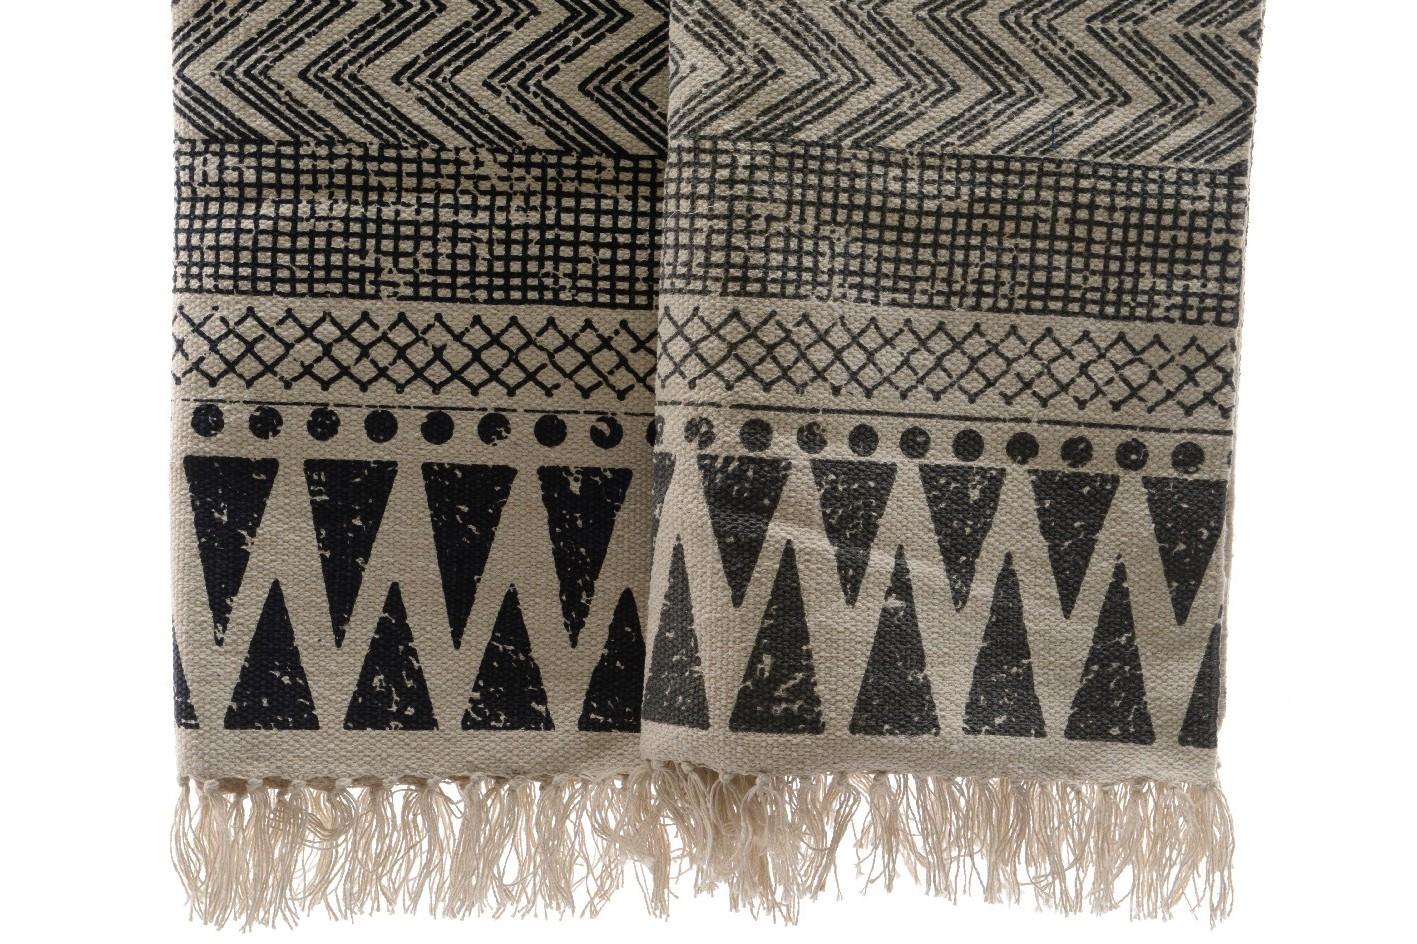 Хлопковый ковёр с узоромПрямоугольные ковры<br>Ручная работа, узор может немного отличаться от представленного на картинке.<br><br>Material: Хлопок<br>Length см: 200<br>Width см: 70<br>Height см: 3<br>Diameter см: None